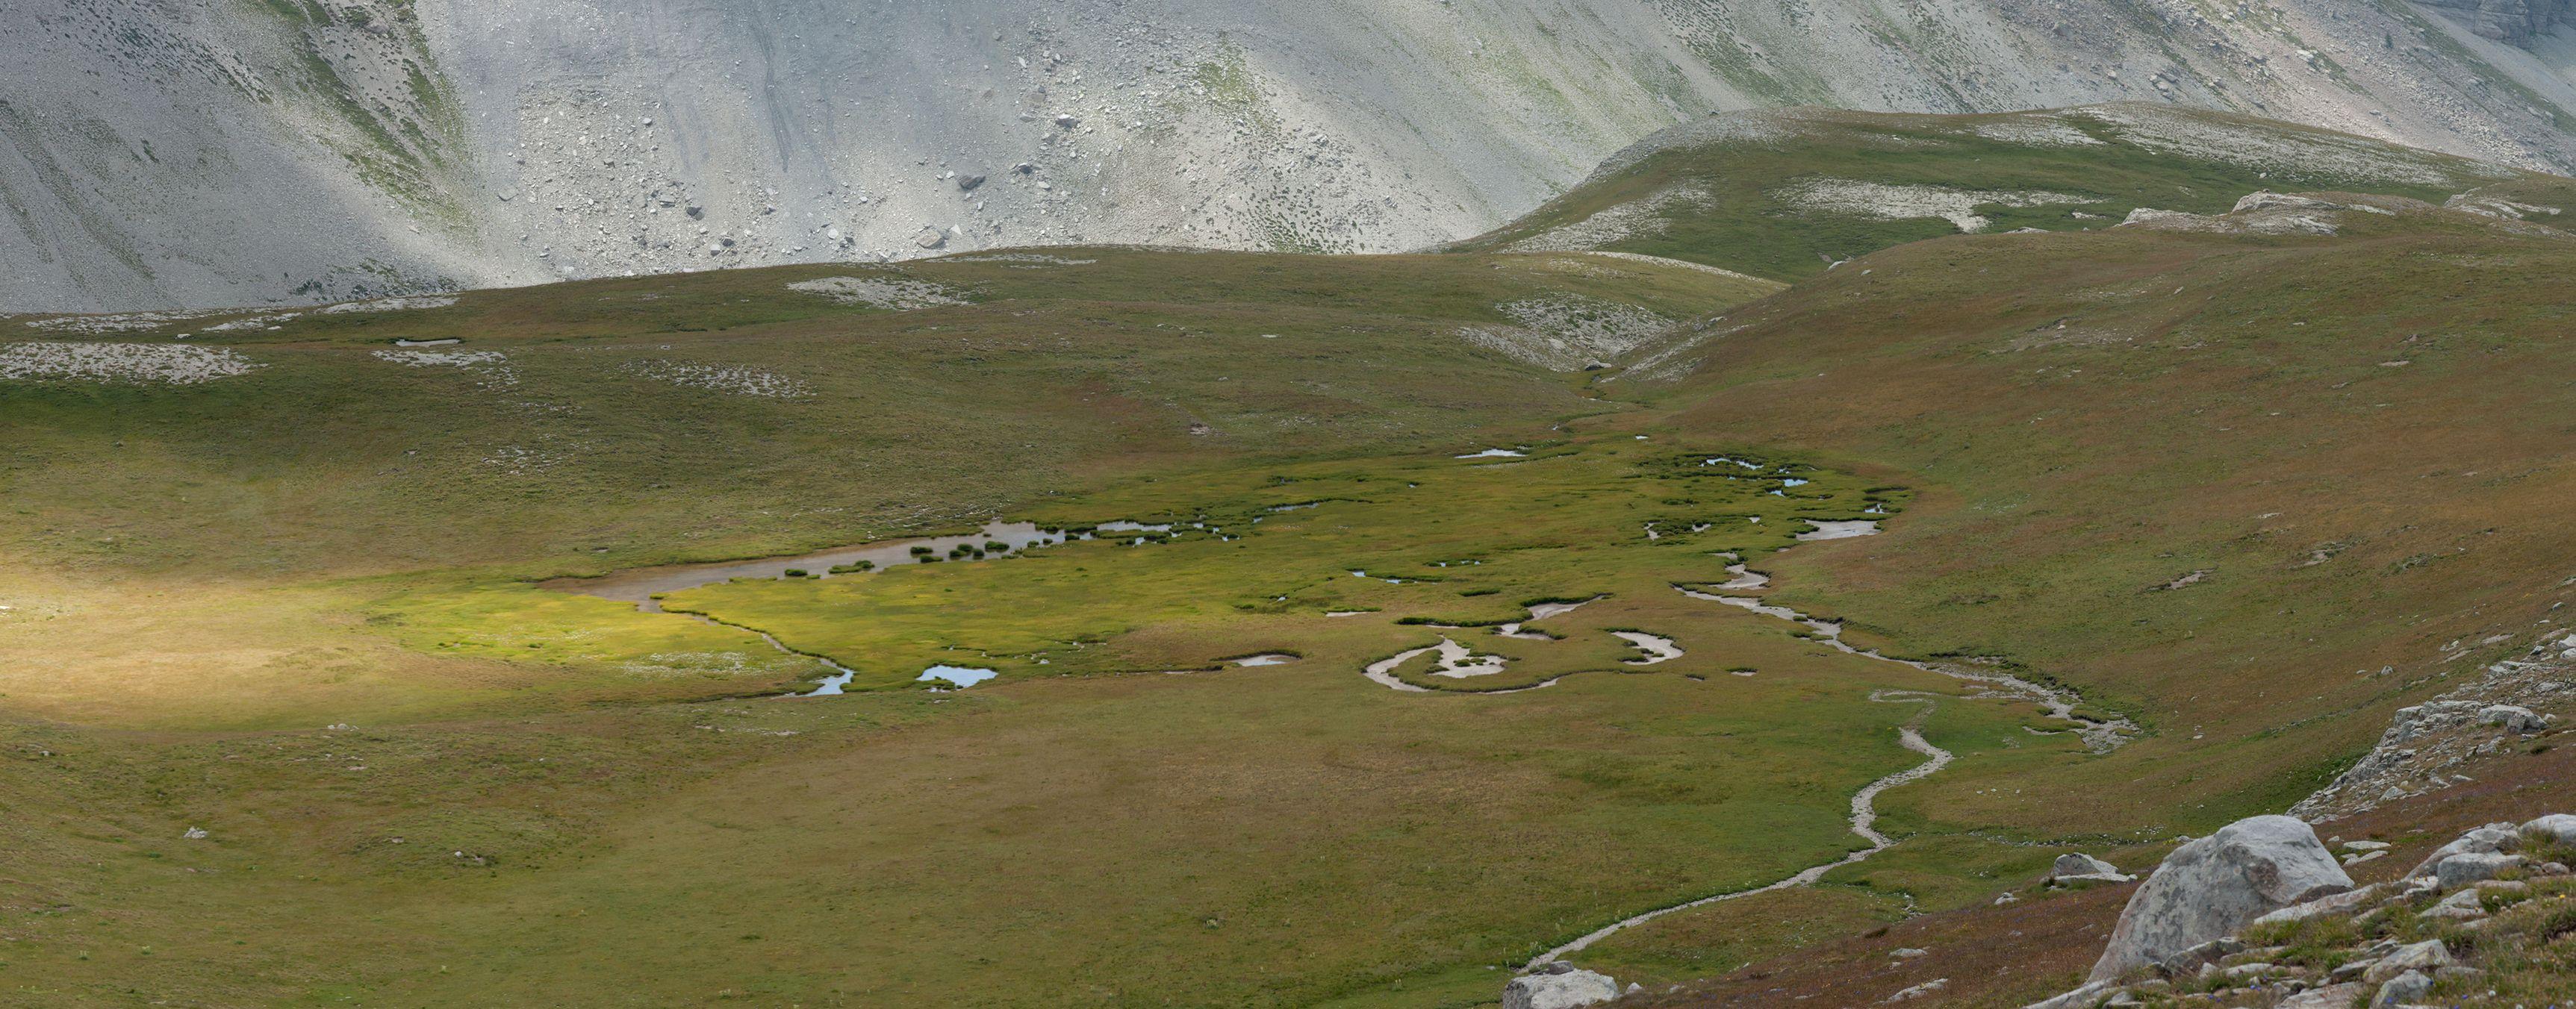 Une tourbière dans le vallon de l'Estrop